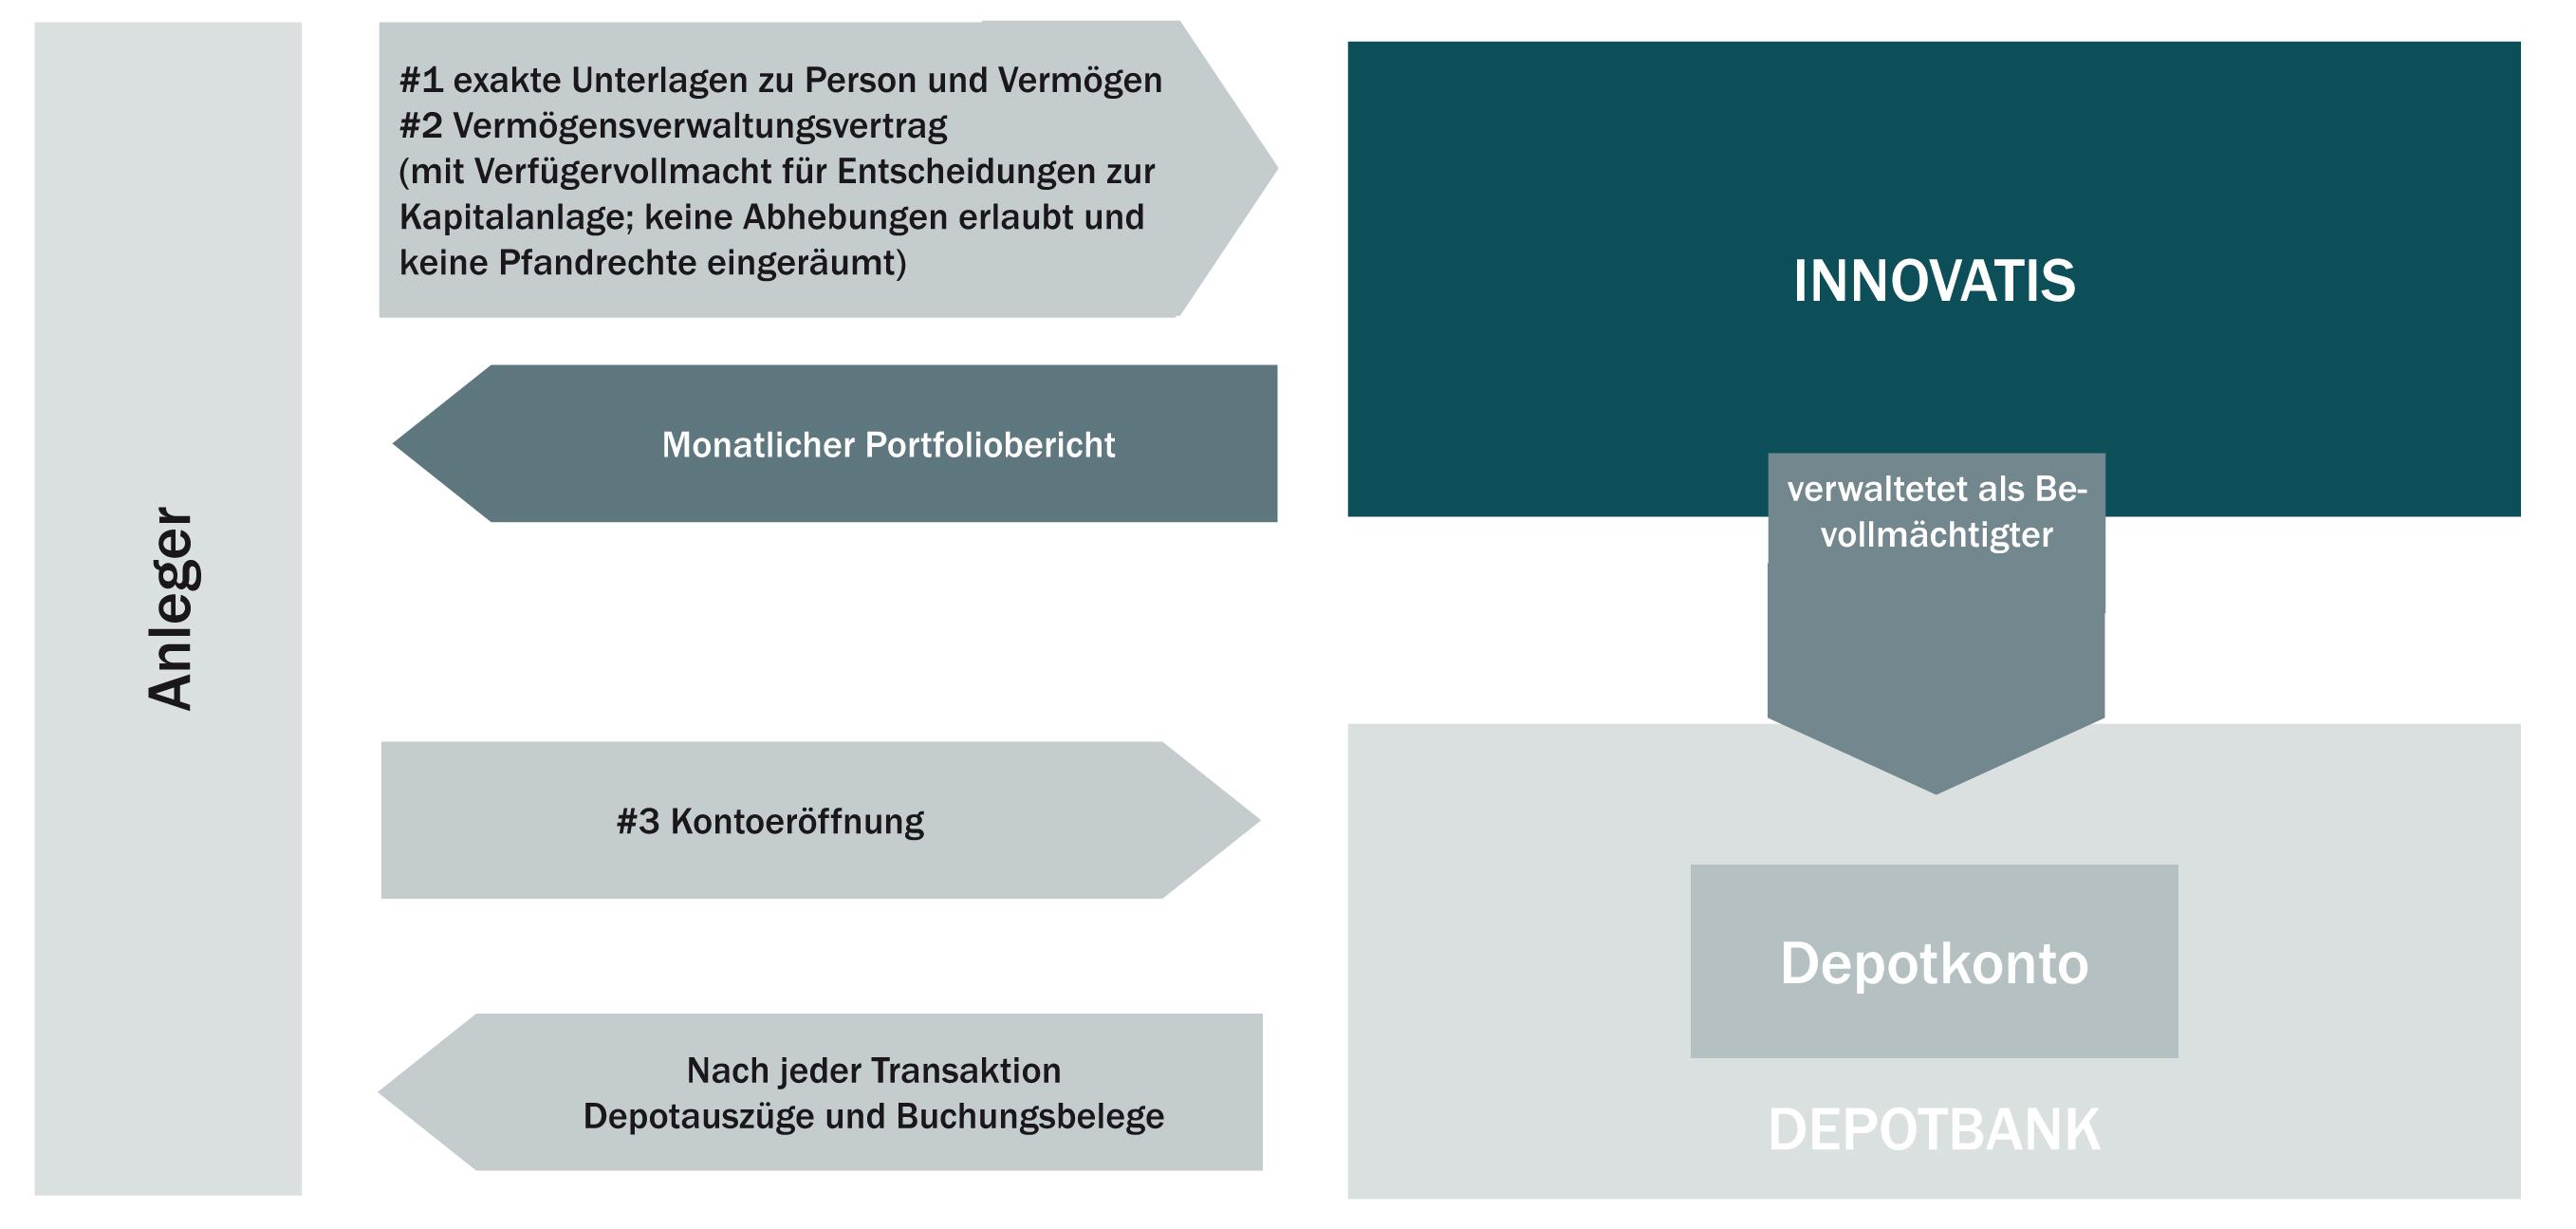 Finanzfolder_DE_140918_druck1